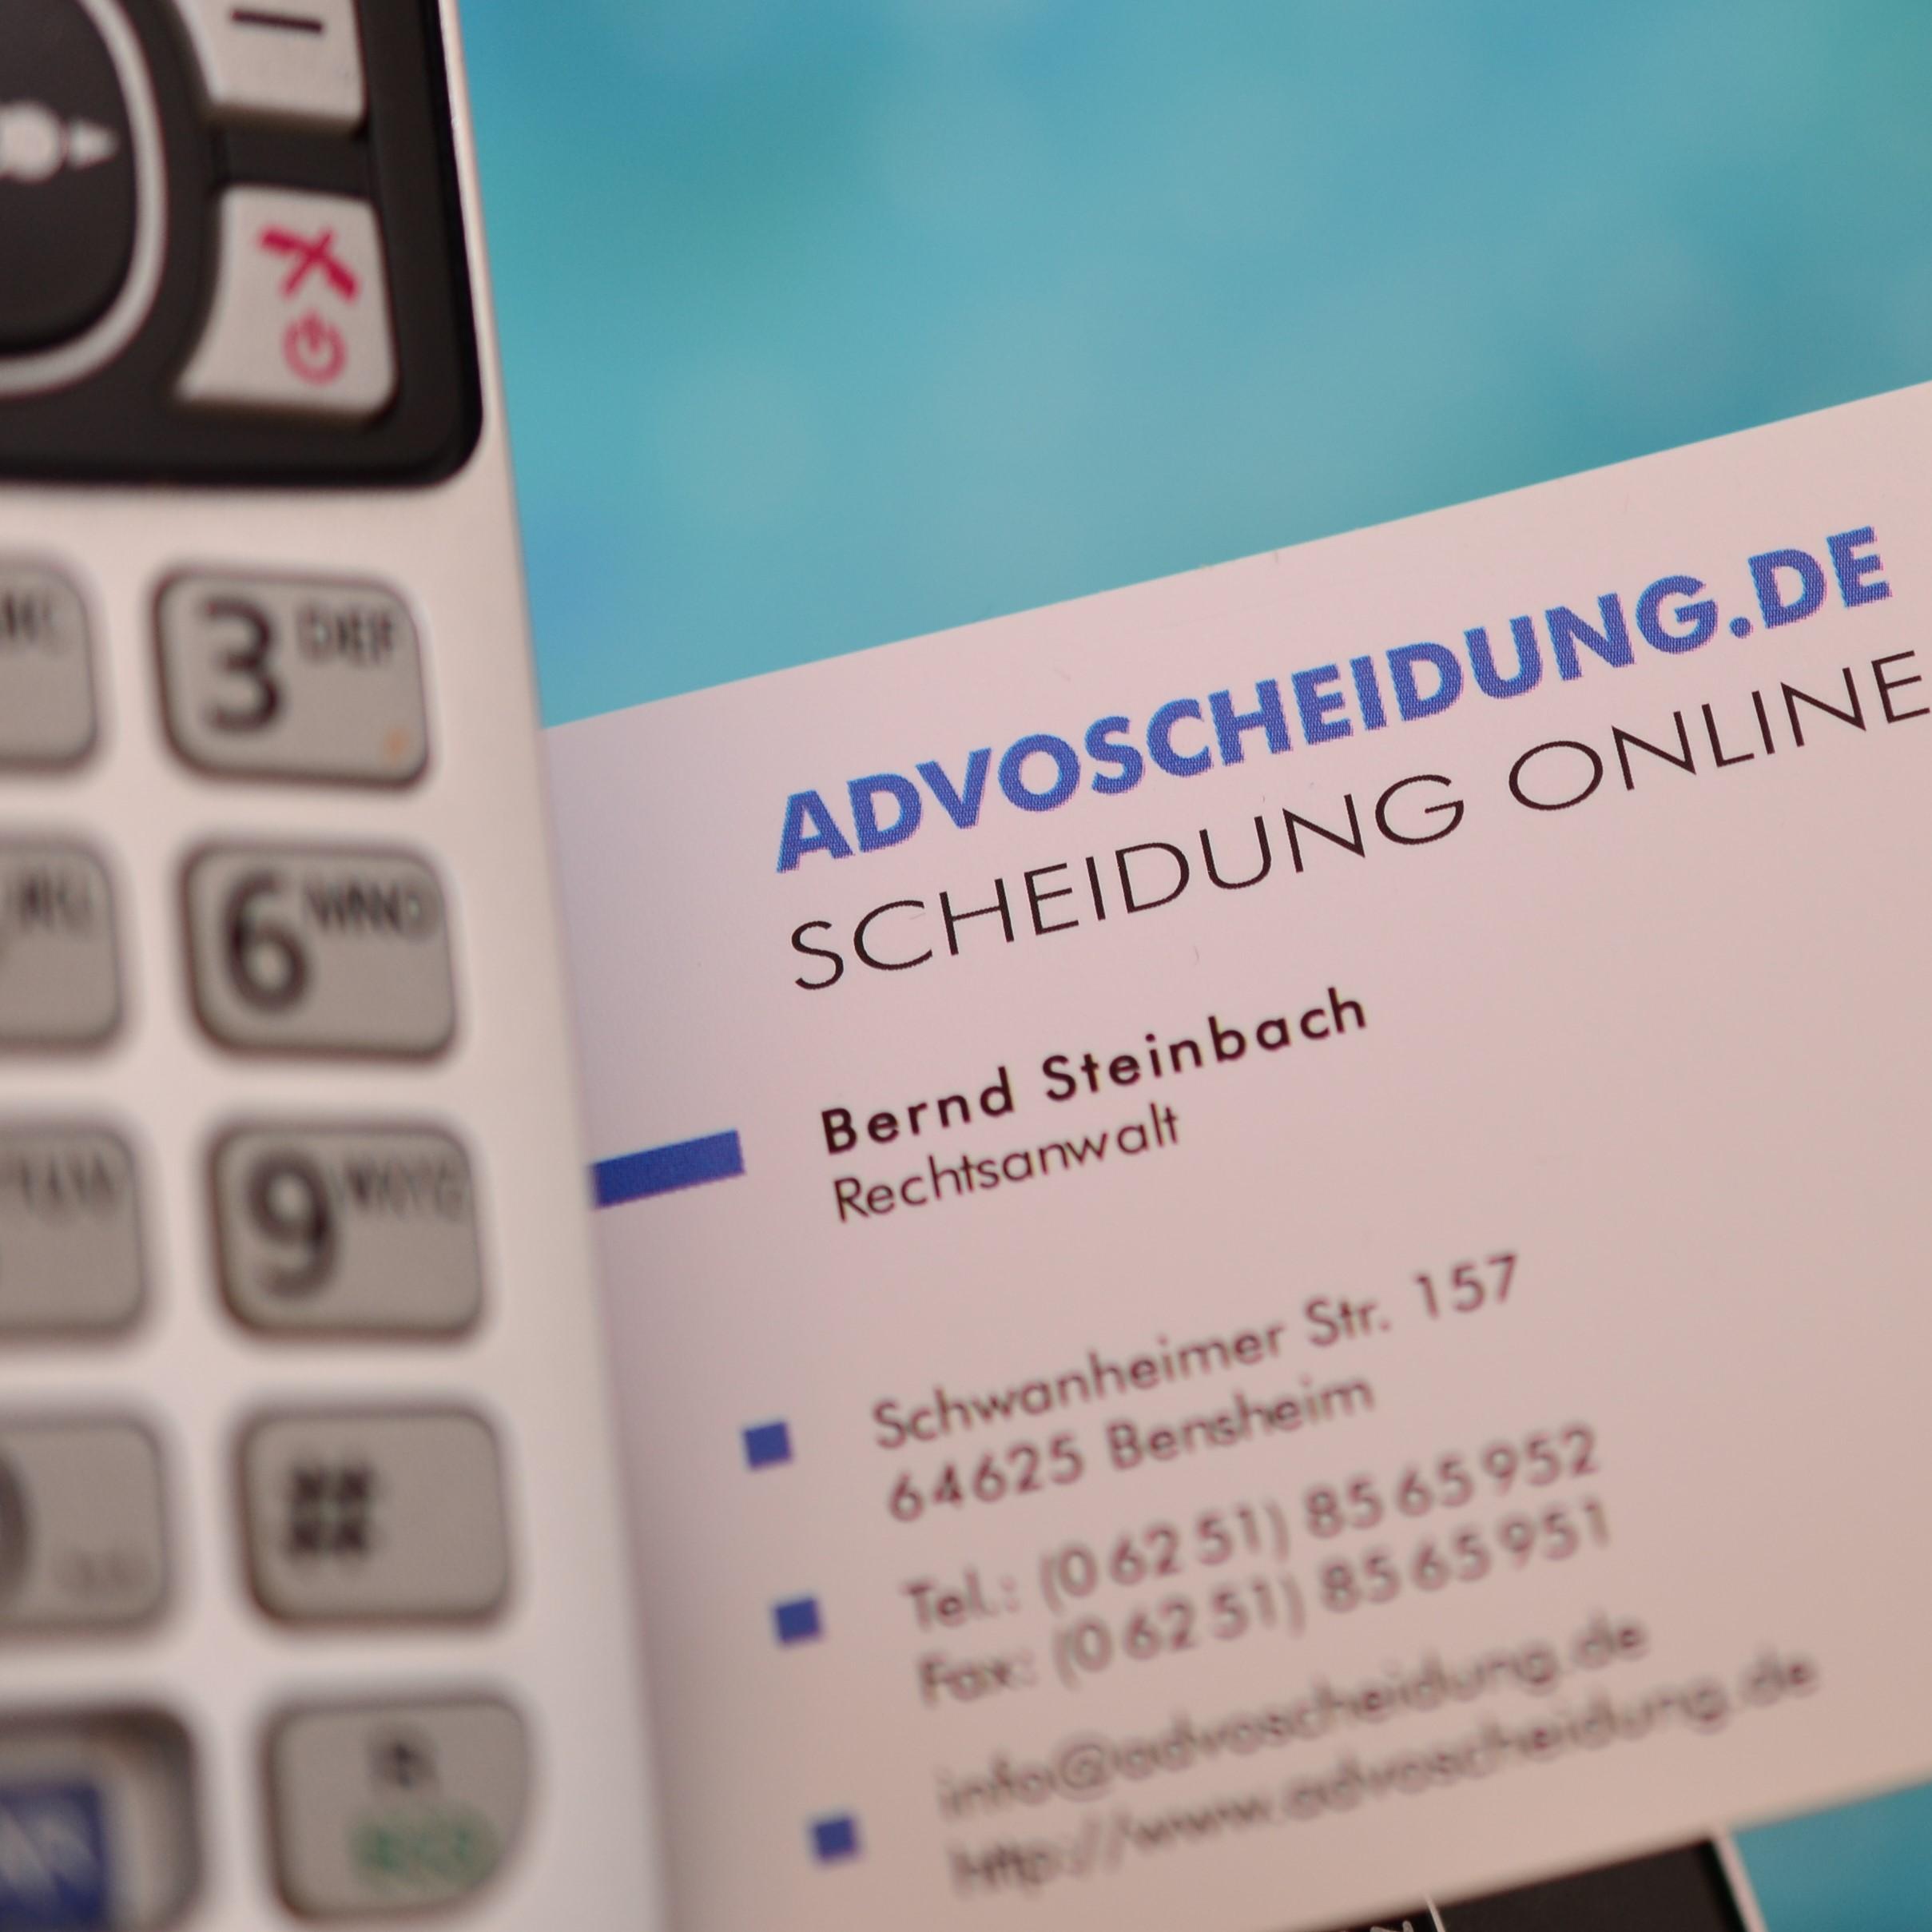 Scheidung online einreichen - Rechtsanwalt informiert Sie online und per Telefon zum Ablauf und den Kosten der Scheidung